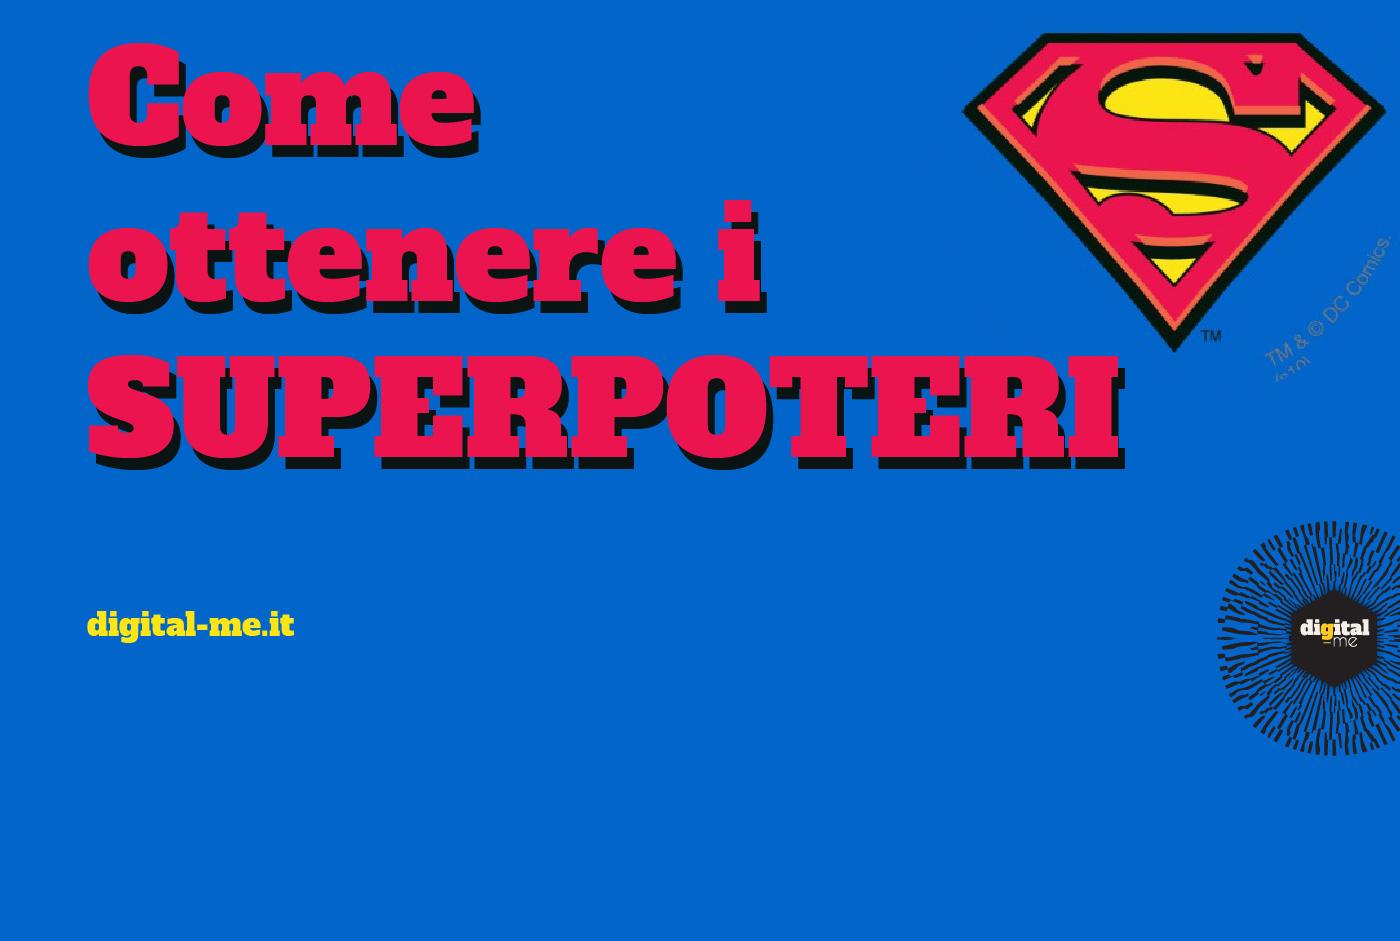 Come ottenere i superpoteri